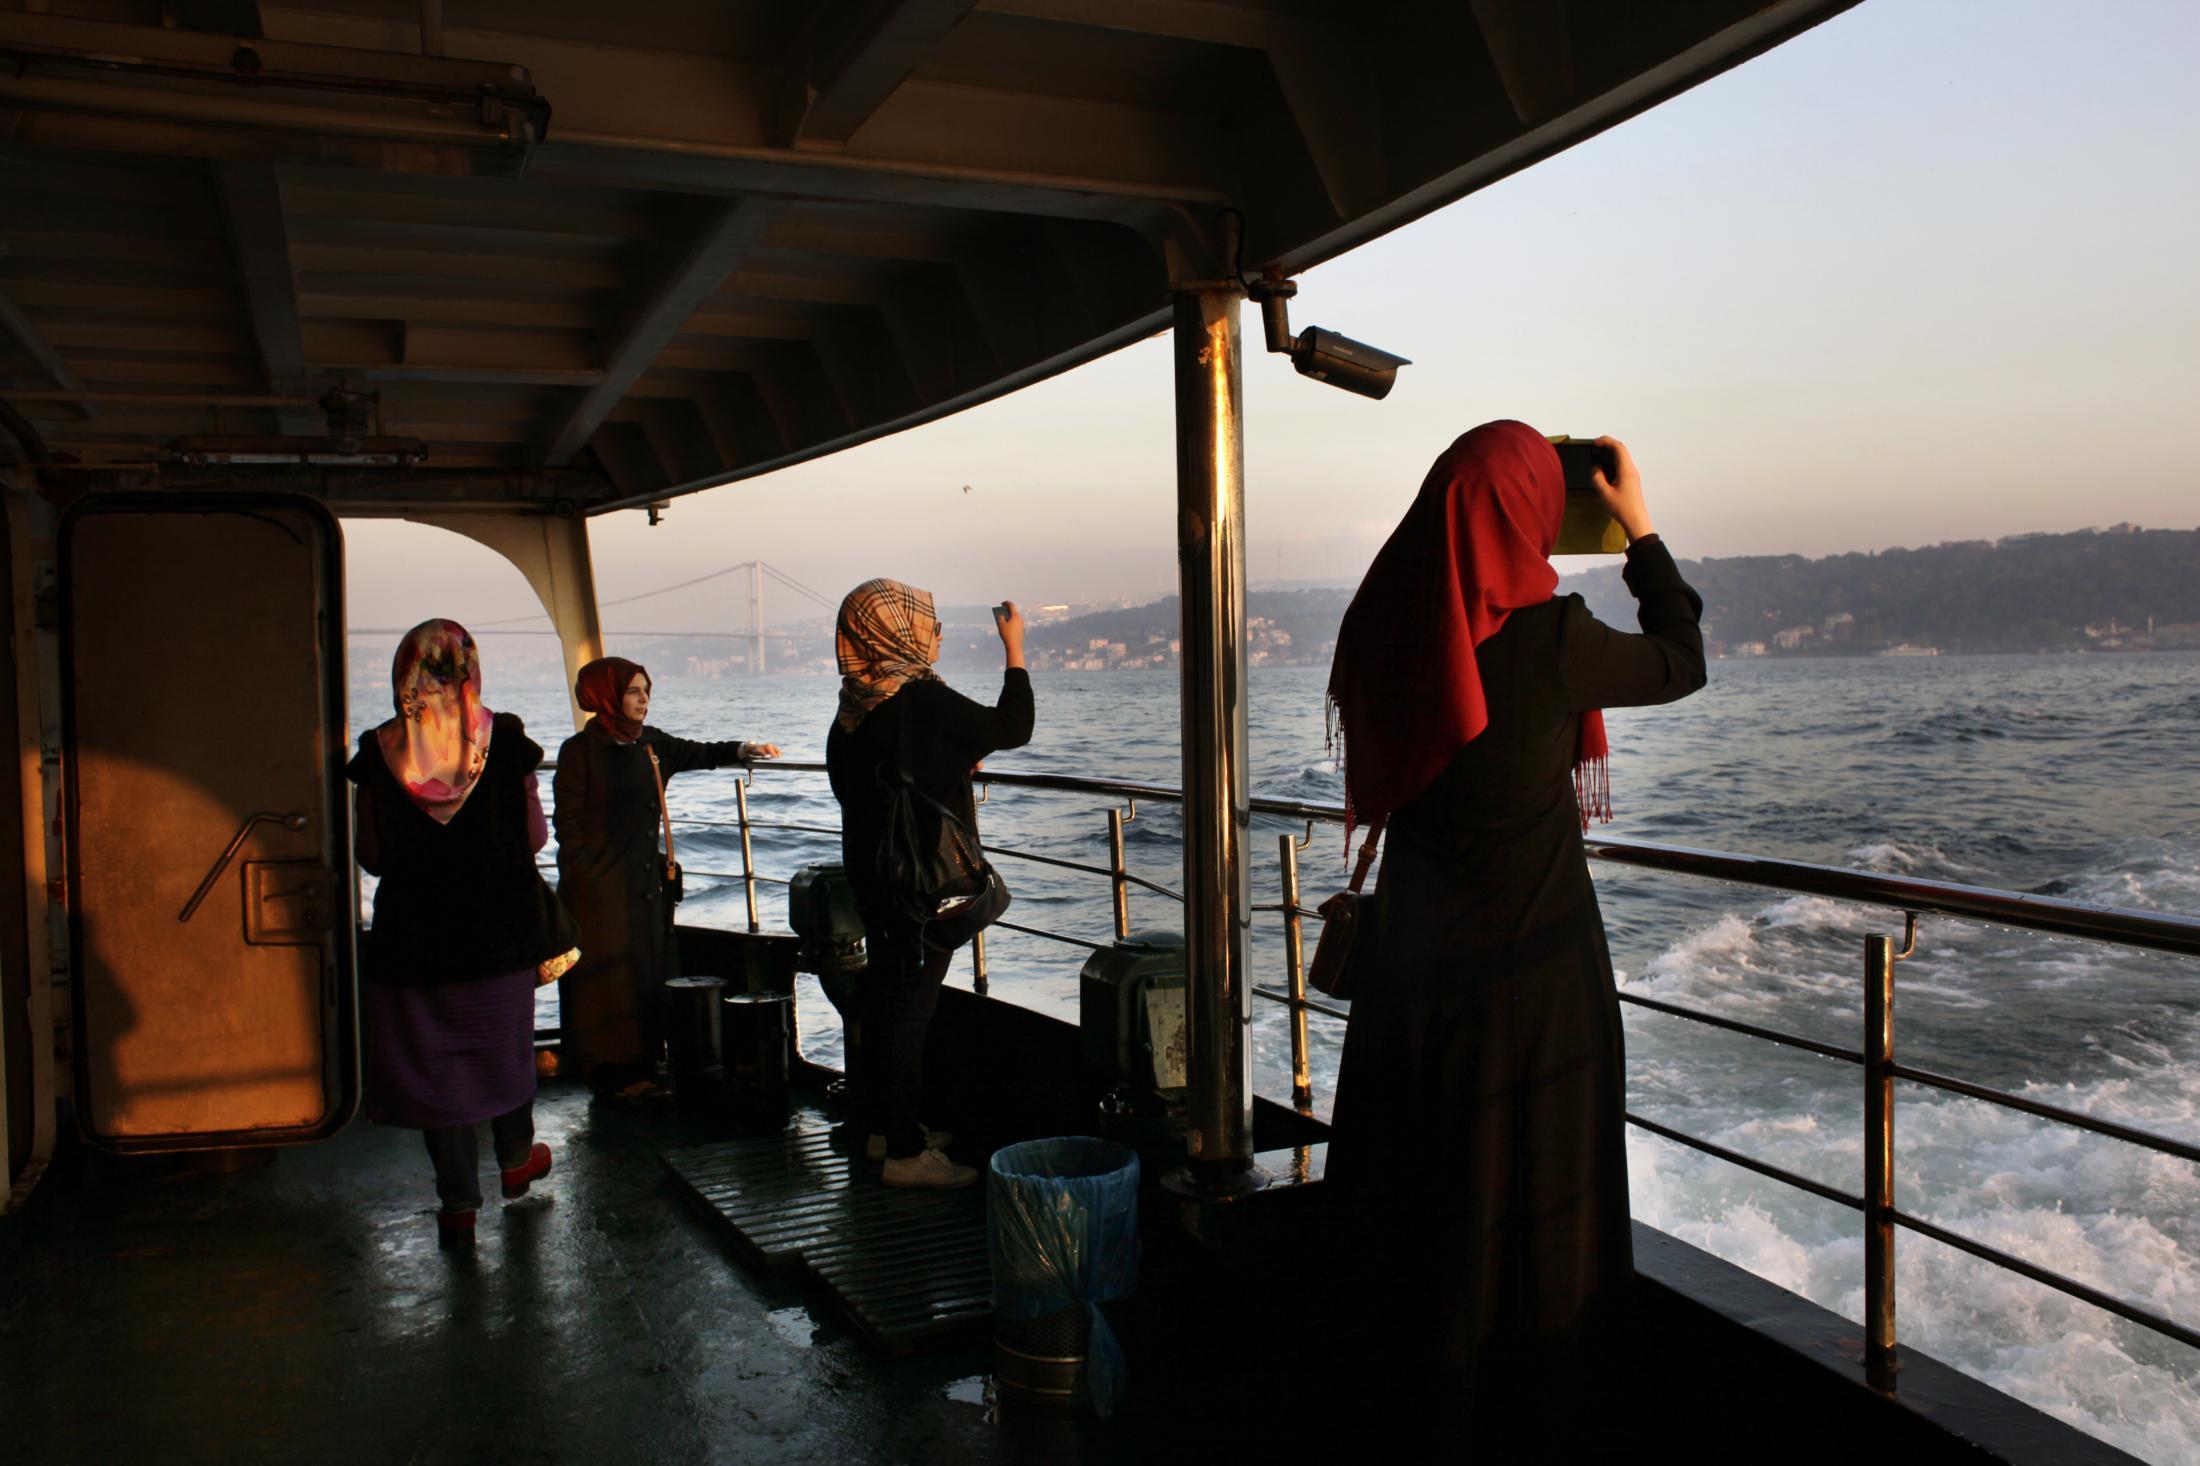 Turkish women are enjoying the sunset while taking a boat from the Asian side to the European side. Des femmes turques se prennent en photo pendant le coucher de soleil en prenant le bateau de la rive asiatique à la rive européenne